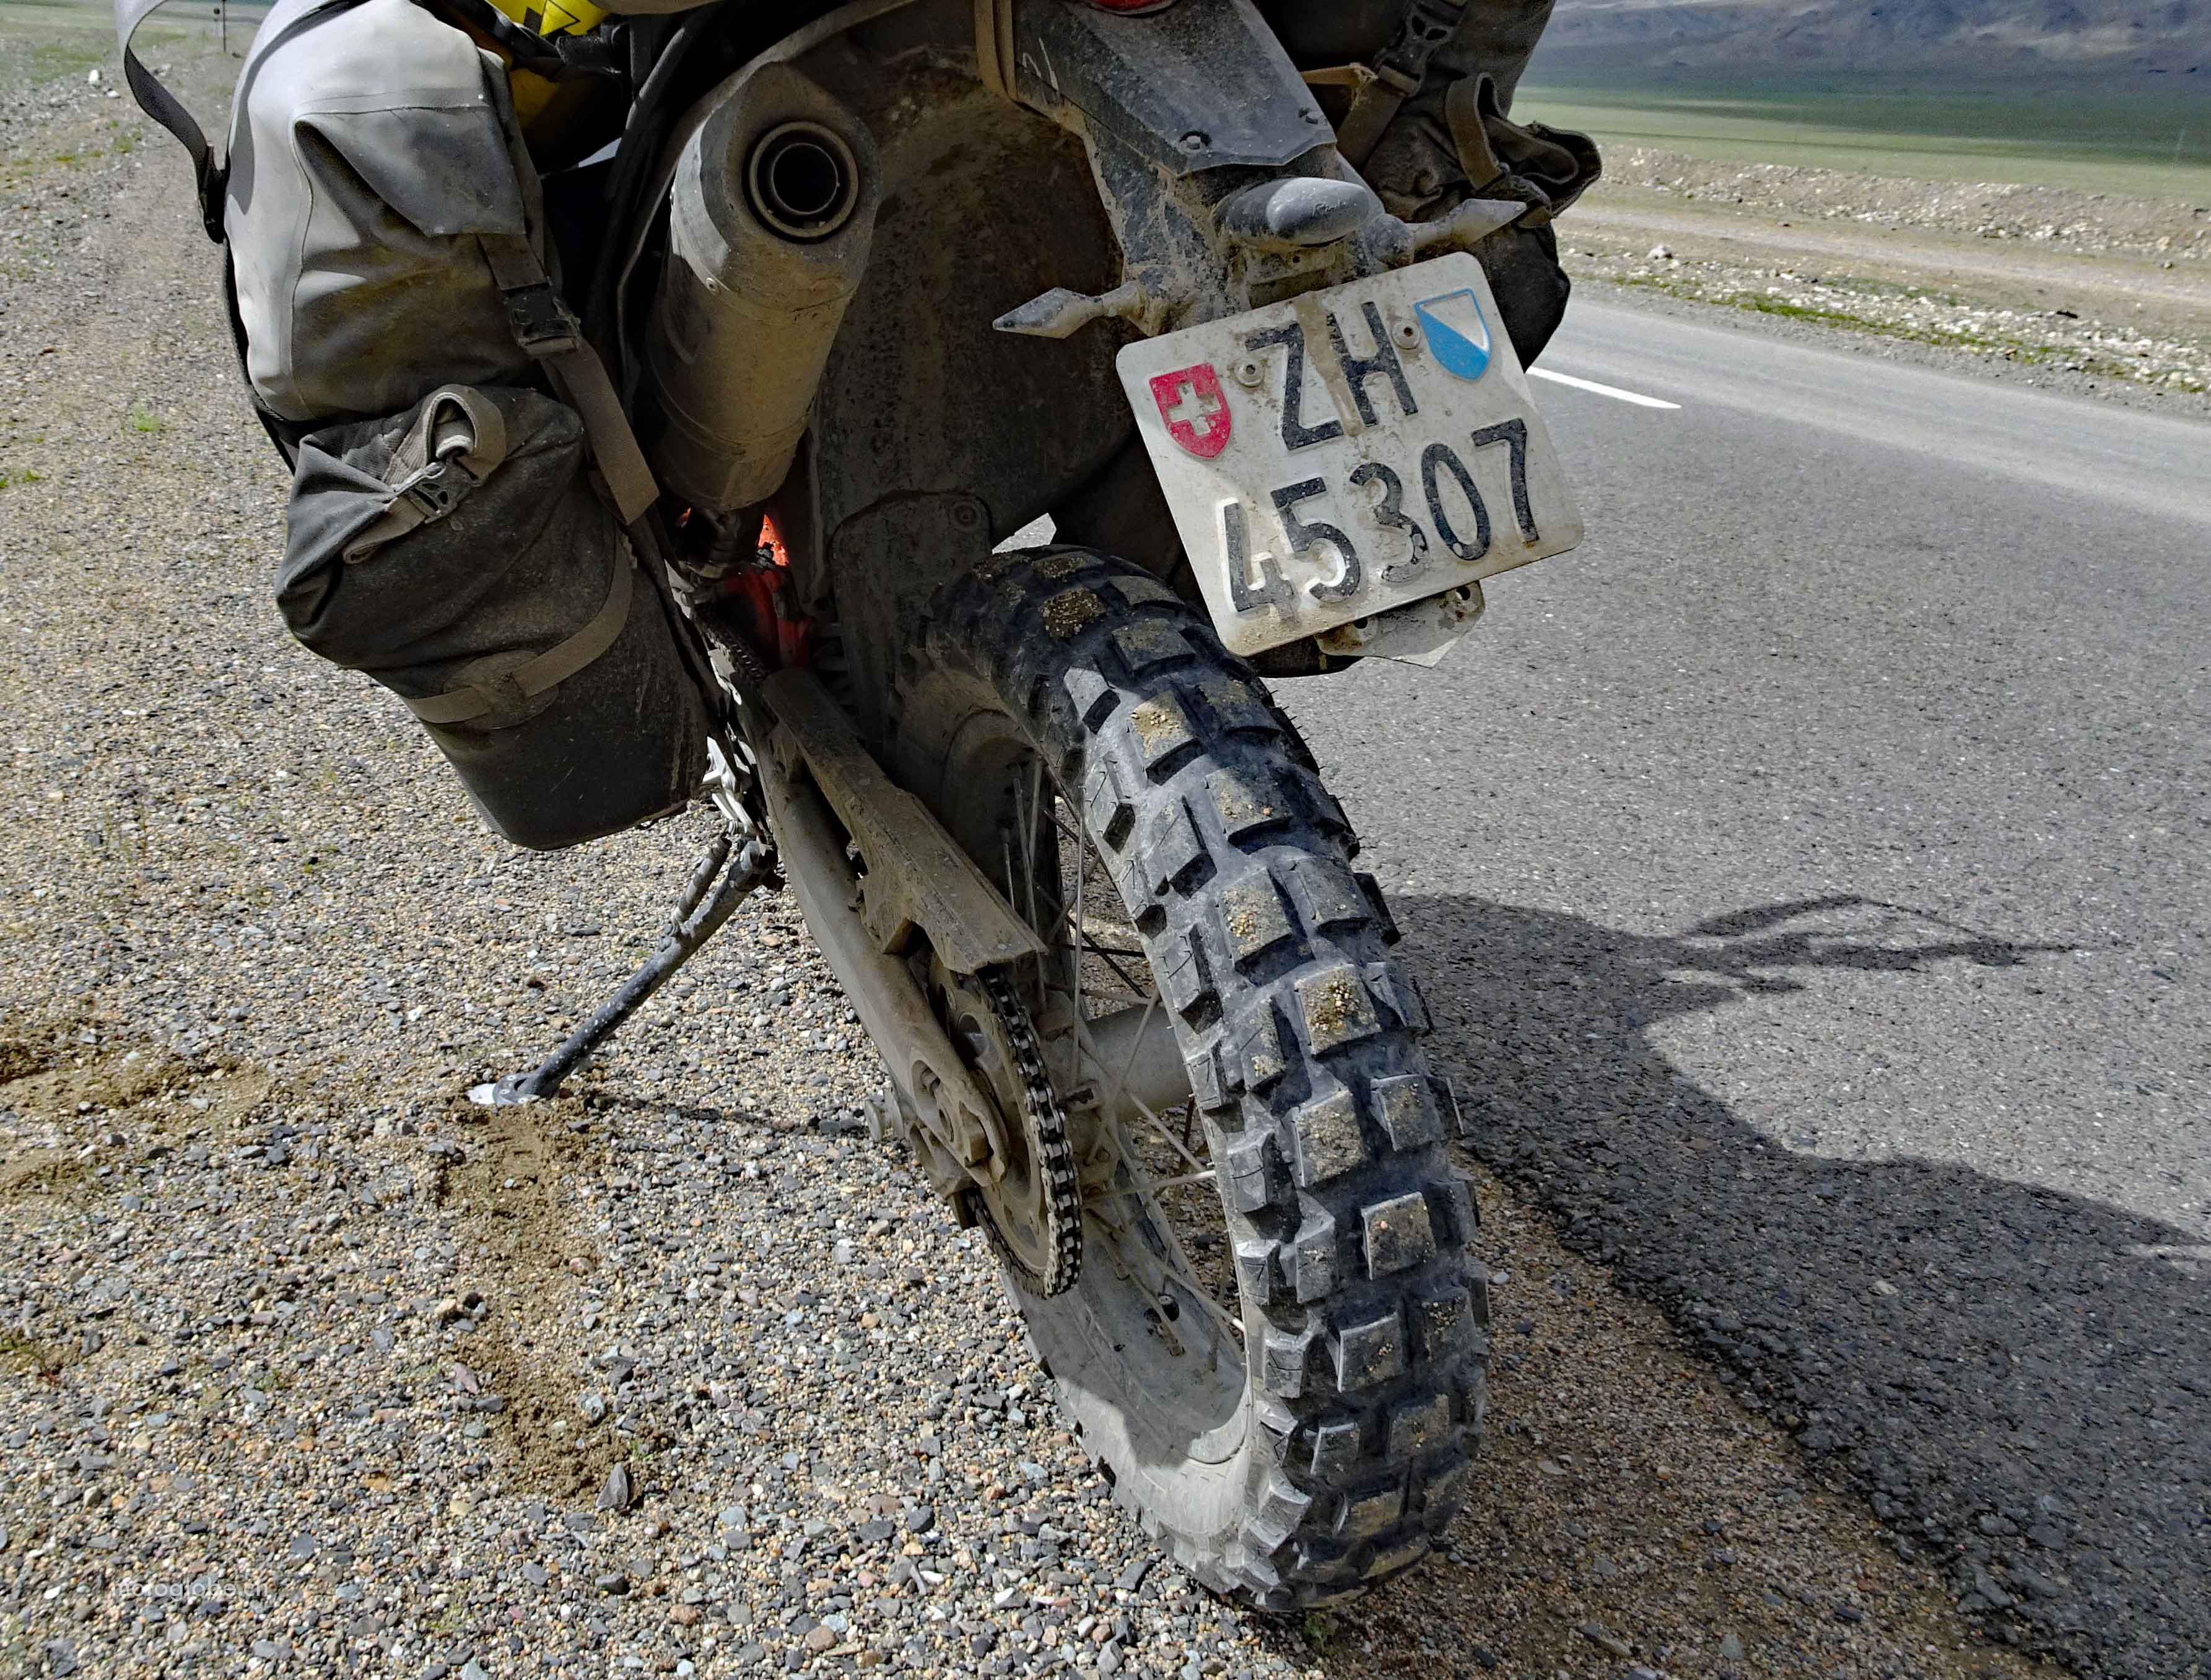 5 Std. für den Grenzübertritt. Lag es vielleicht am dreckigen Motorrad? Nein.